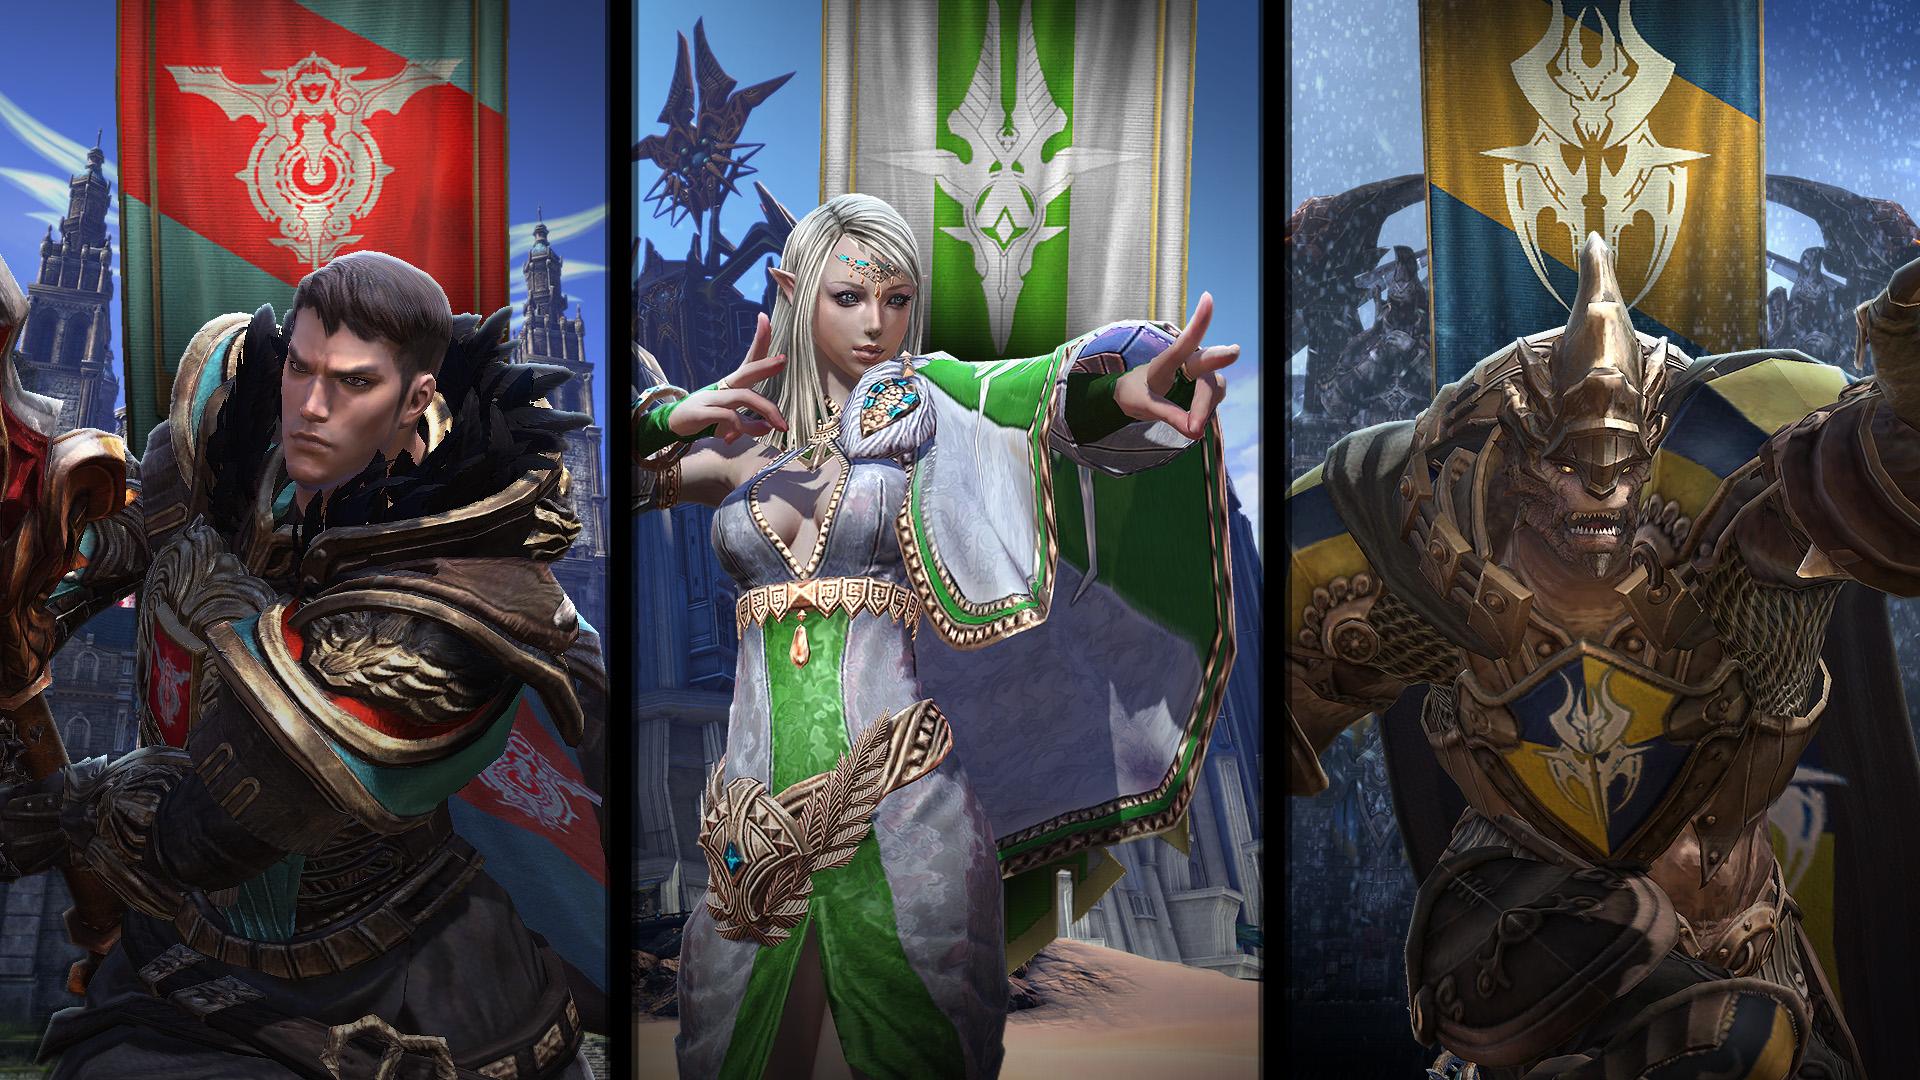 иконки для альянса: